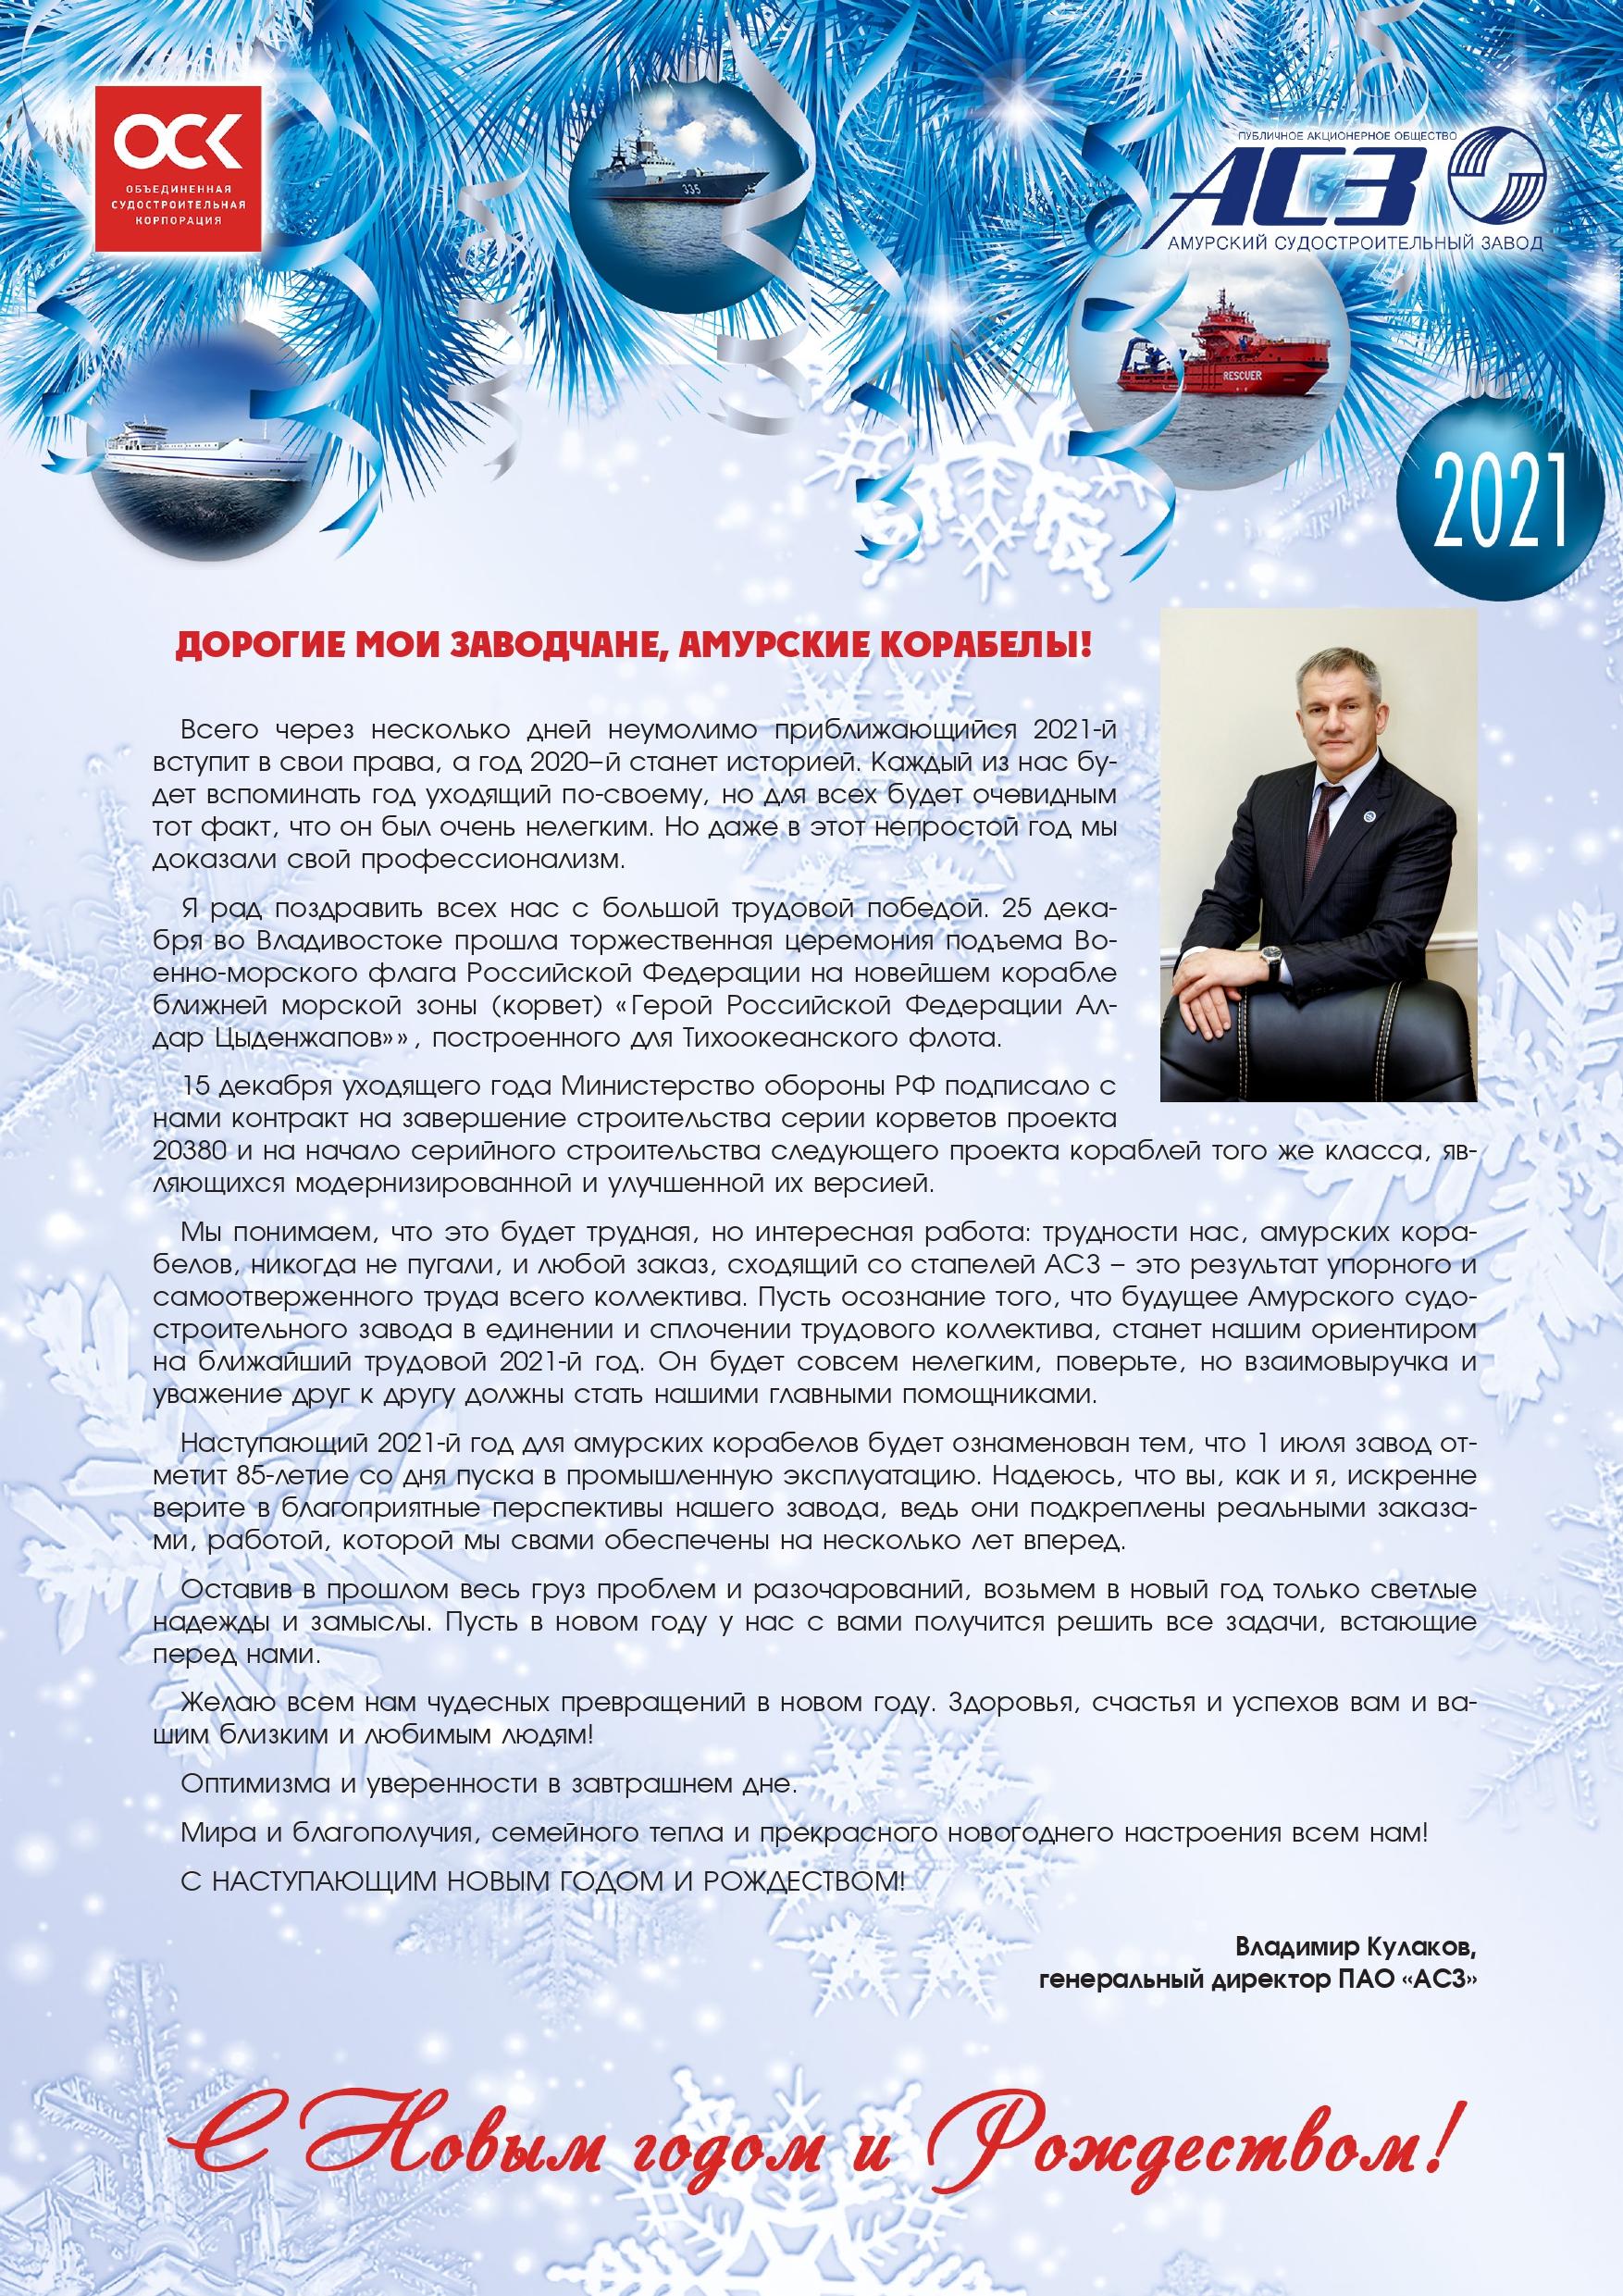 Плакат Кулаков (А3)_page-0001